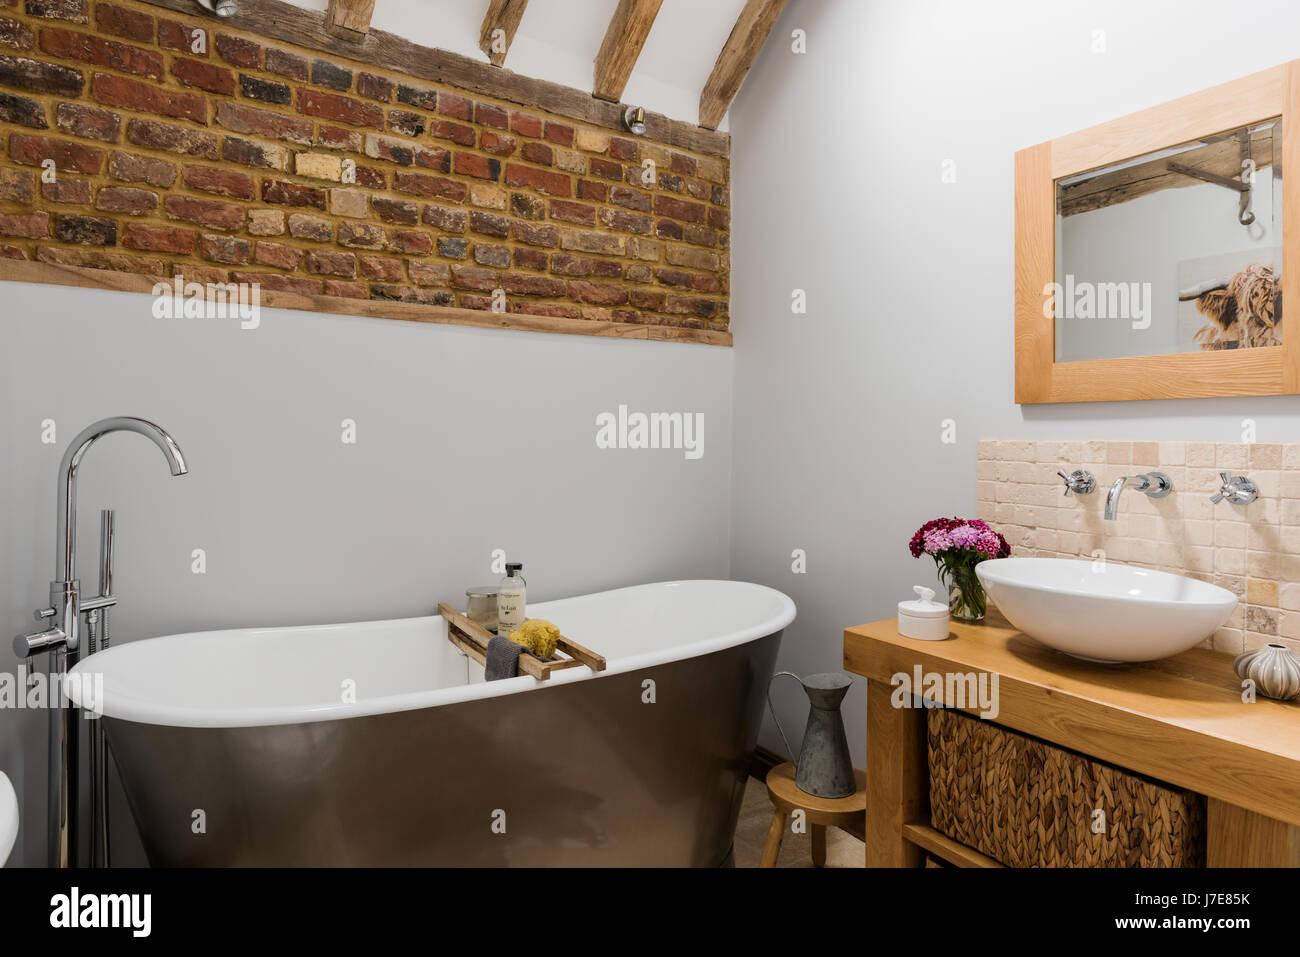 Attraktiv Badezimmer Badewanne Galerie Von Freistehende Im Rustikalen Mit Freiliegenden Ziegelwand. Die